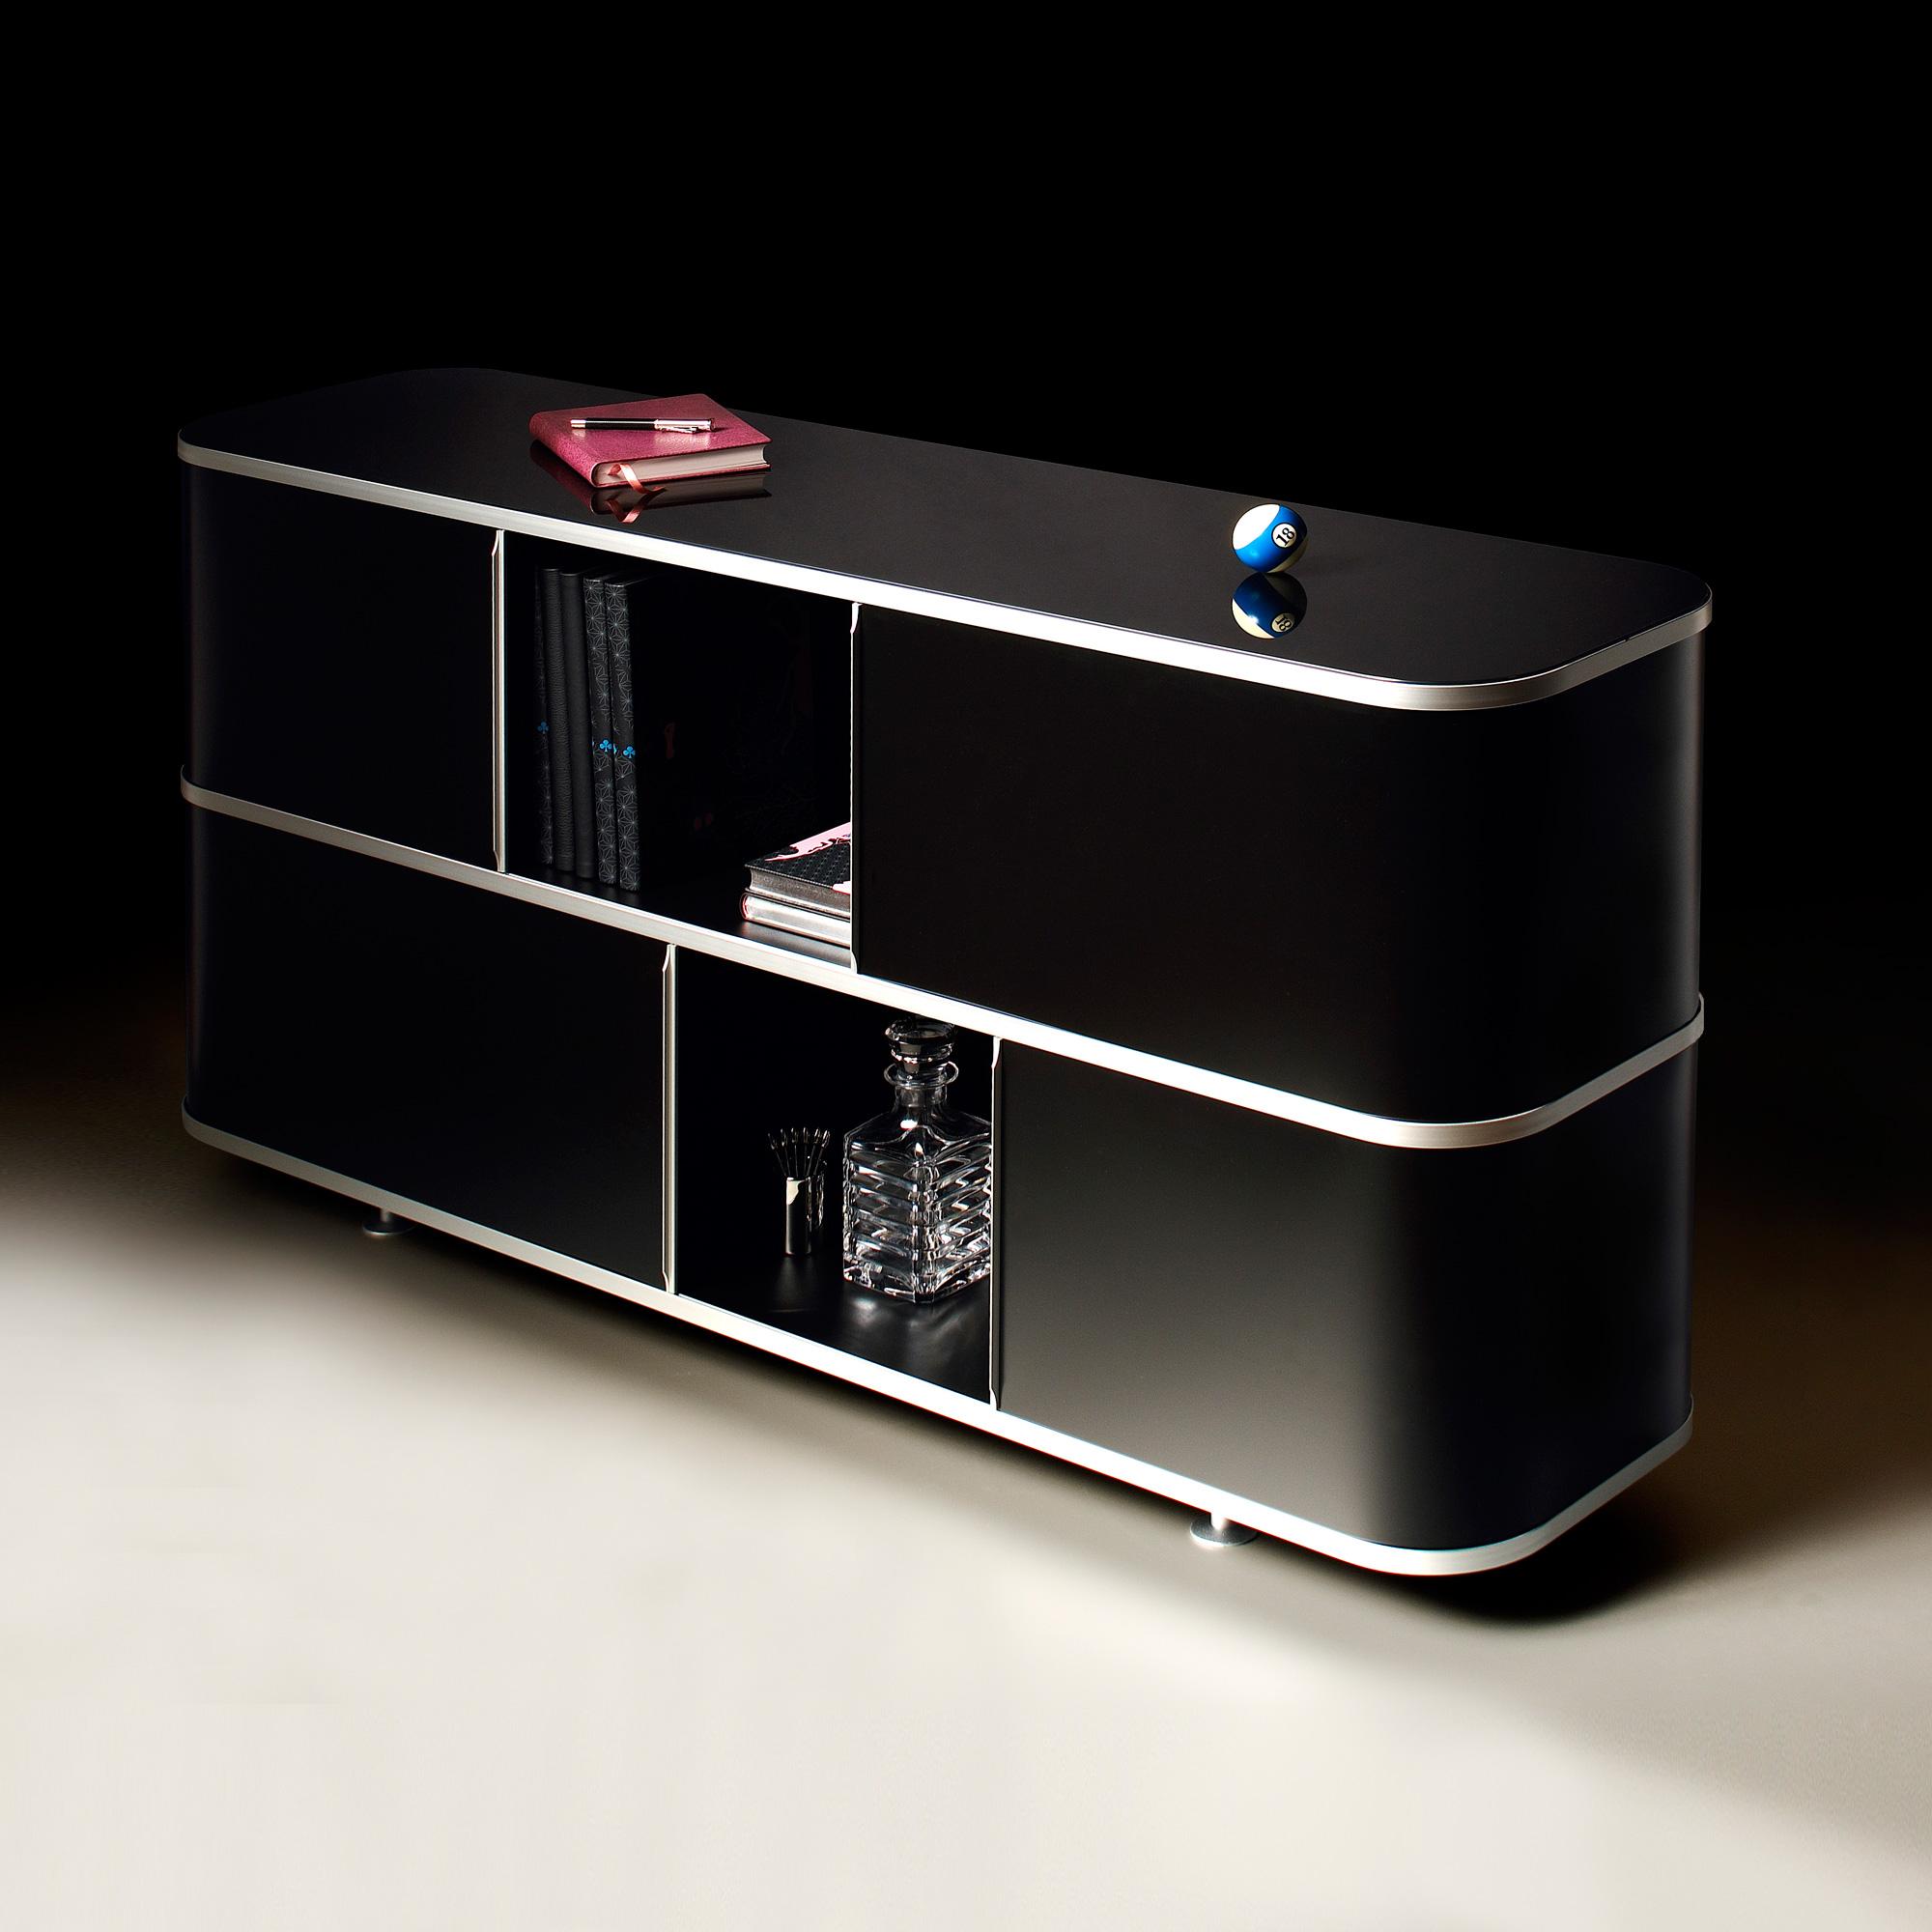 wogg liva sideboard 18 002 371 171 071 reuter onlineshop. Black Bedroom Furniture Sets. Home Design Ideas